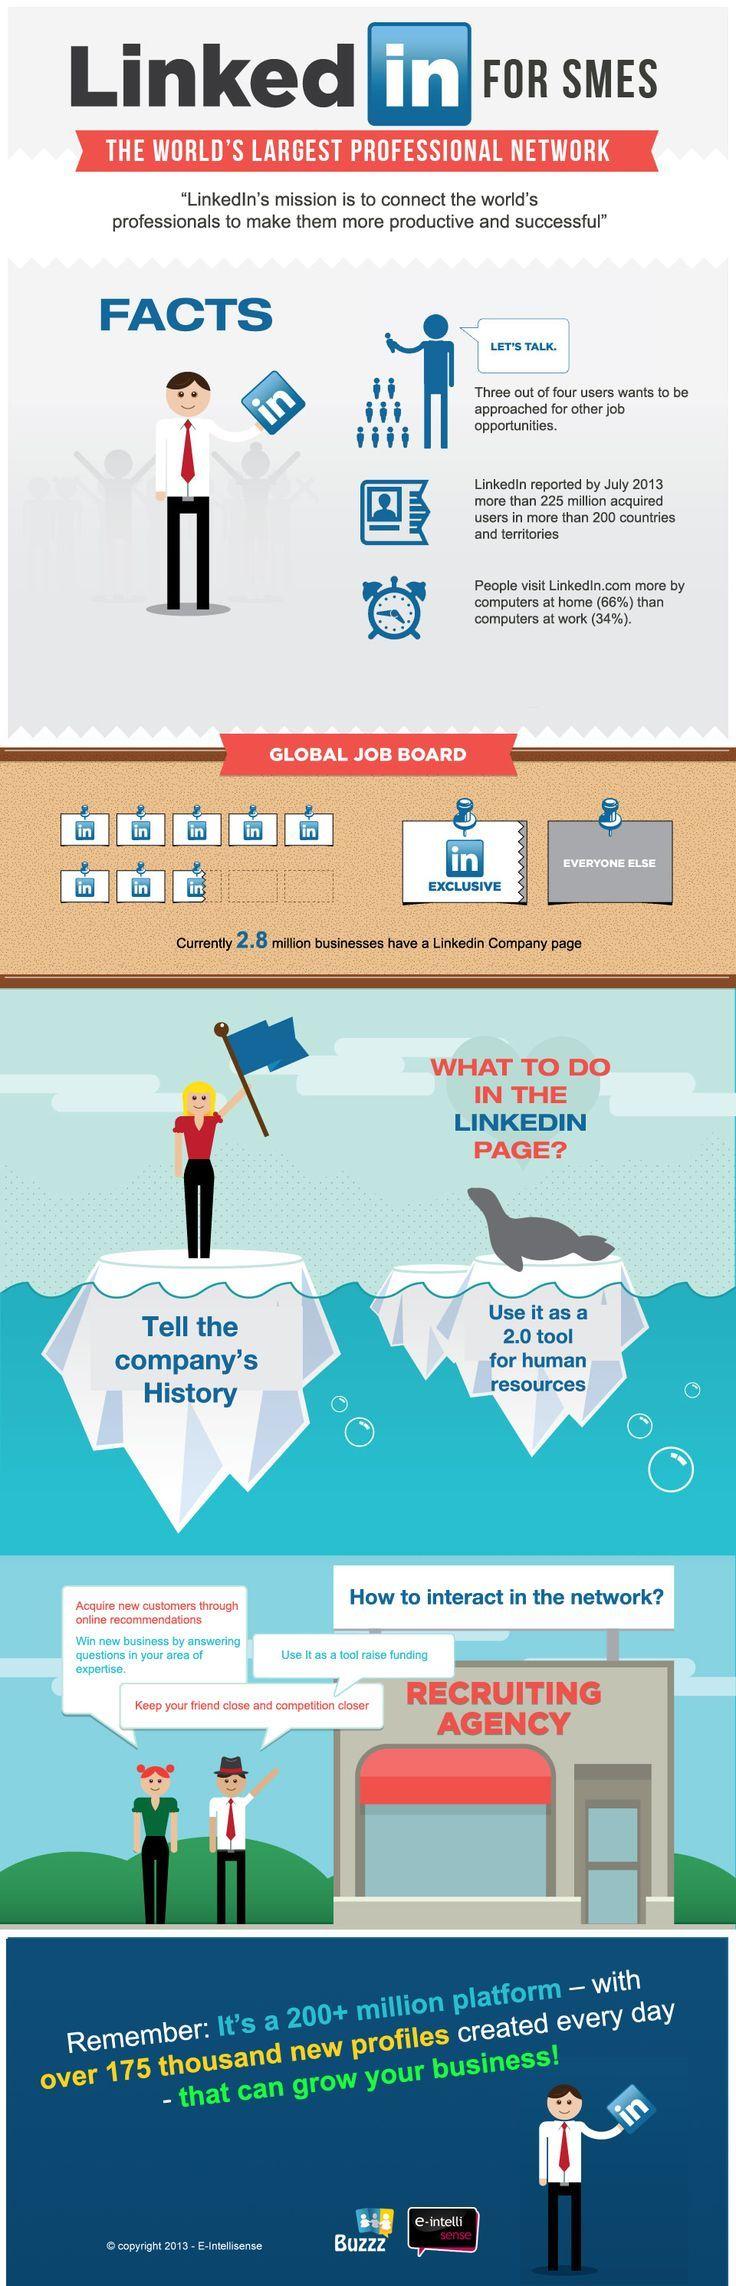 LinkedIn For SMES   #Infographic #LinkedIn #SocialMedia